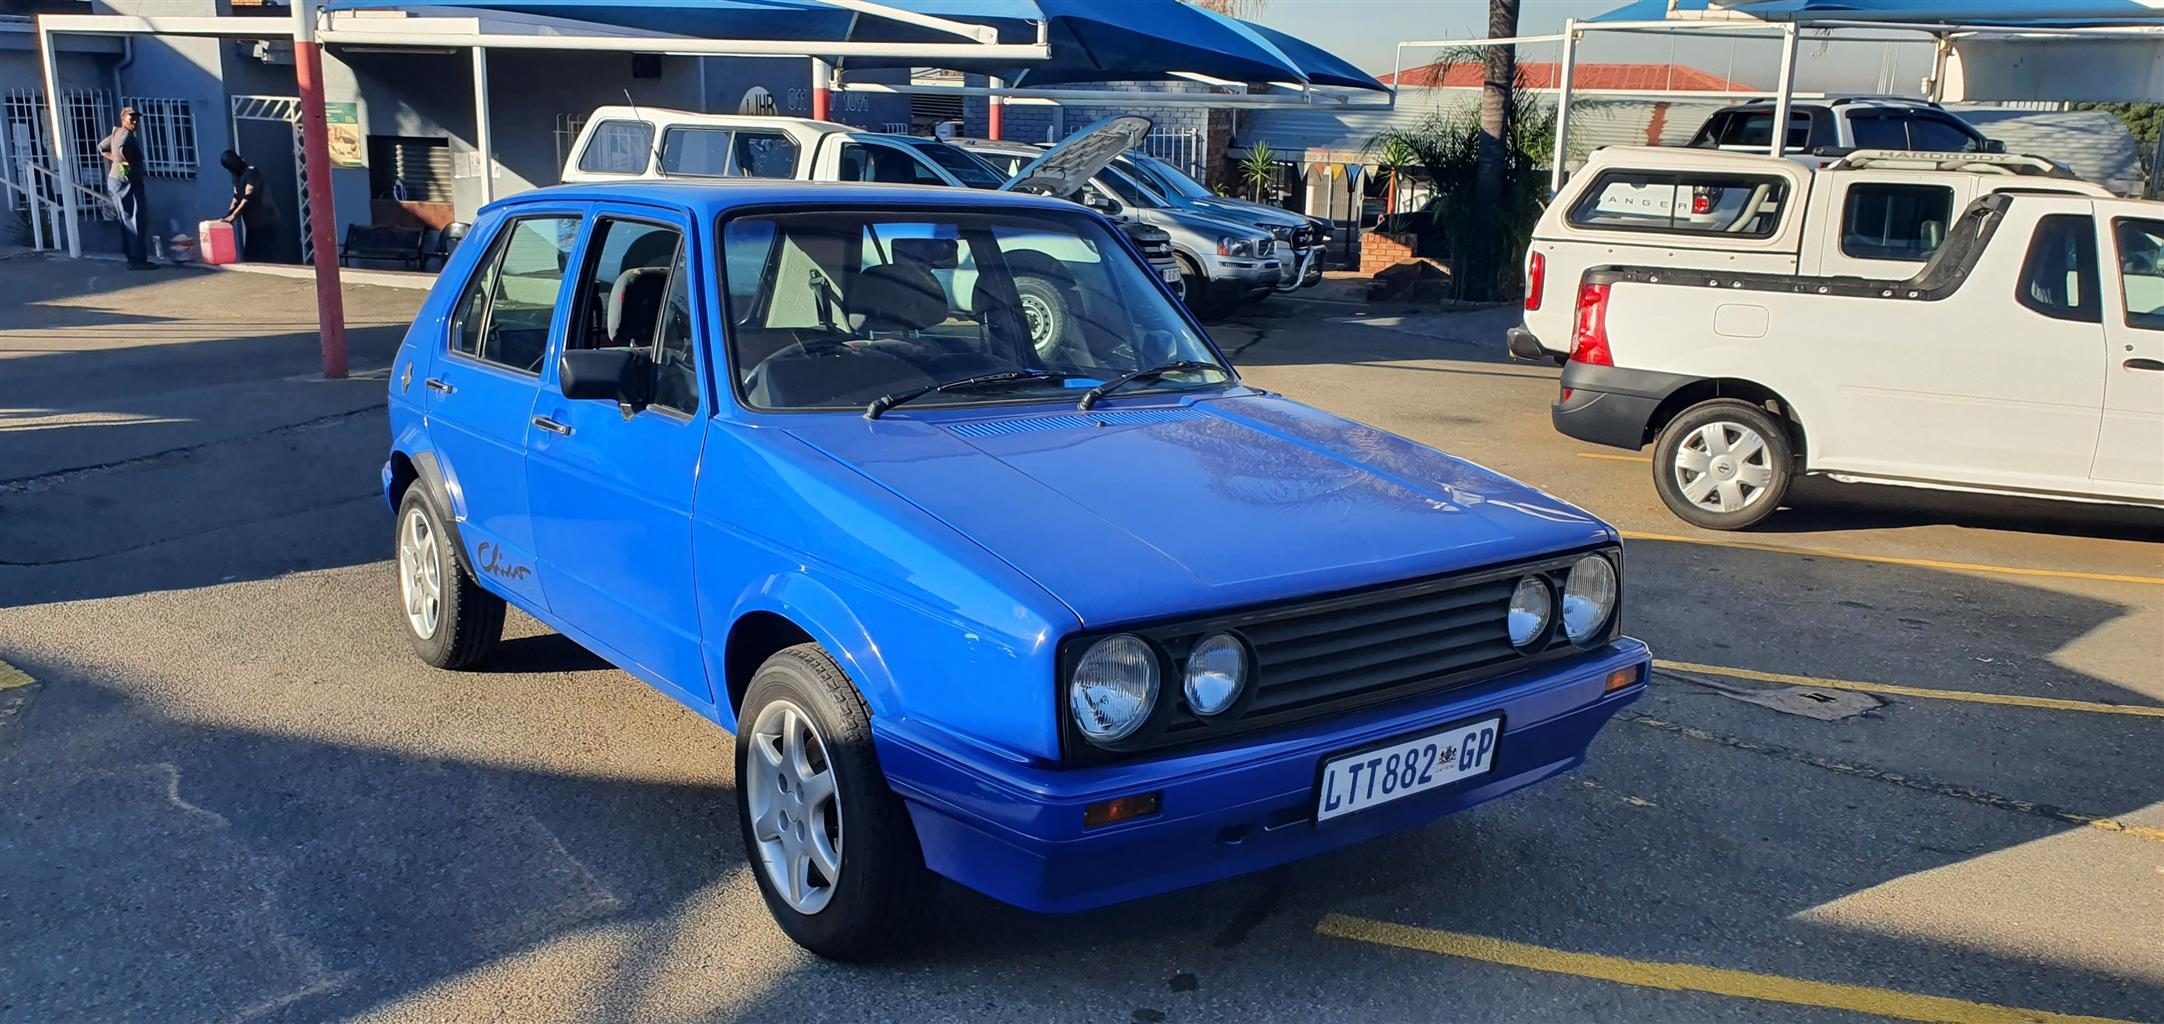 2000 Volkswagen Citi Chico 1.4i